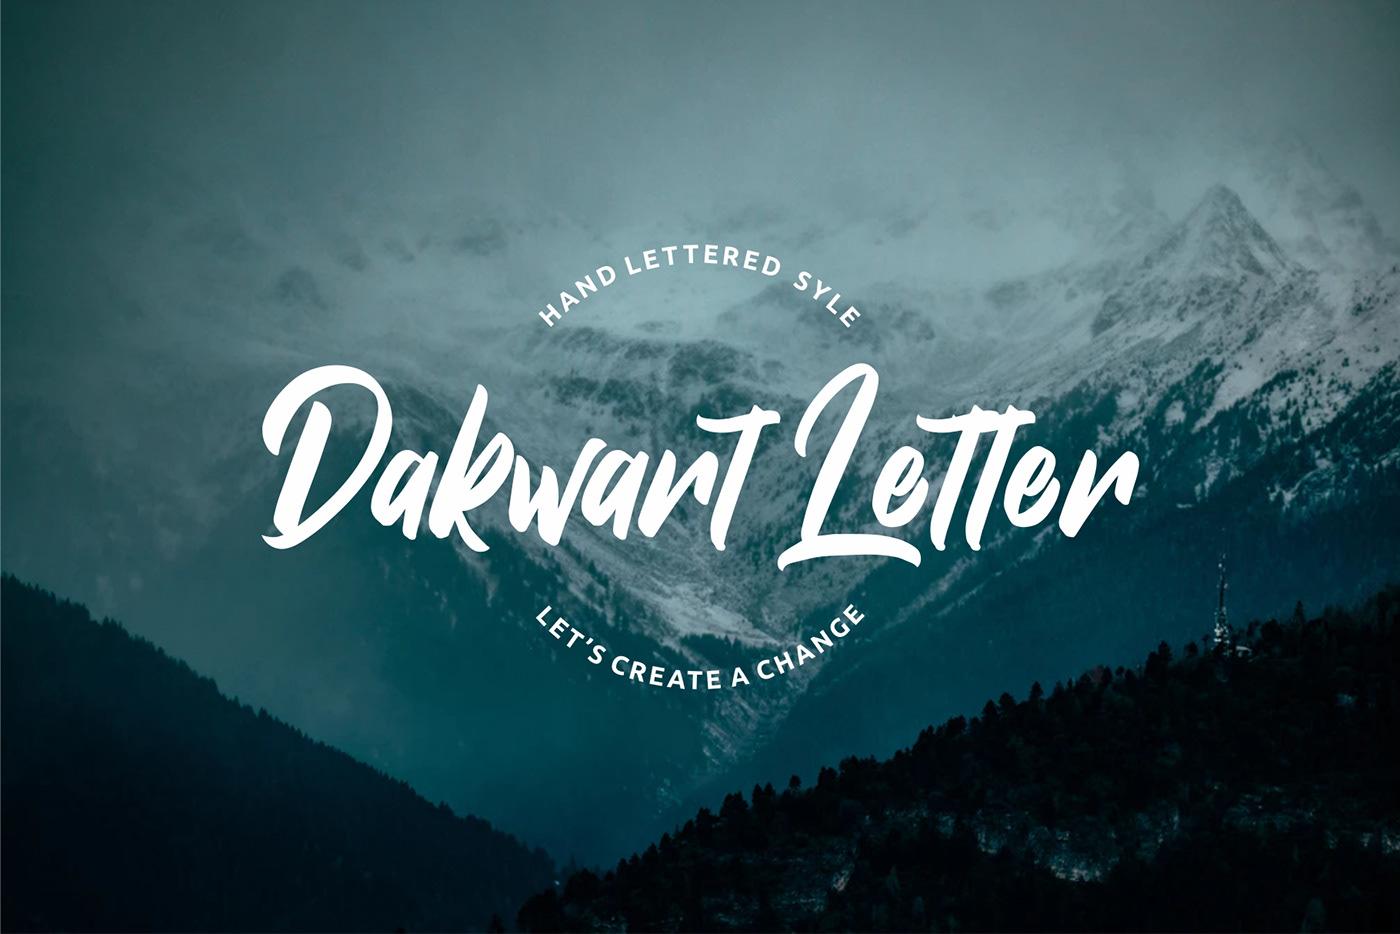 Dakwart Letter Free Font - script